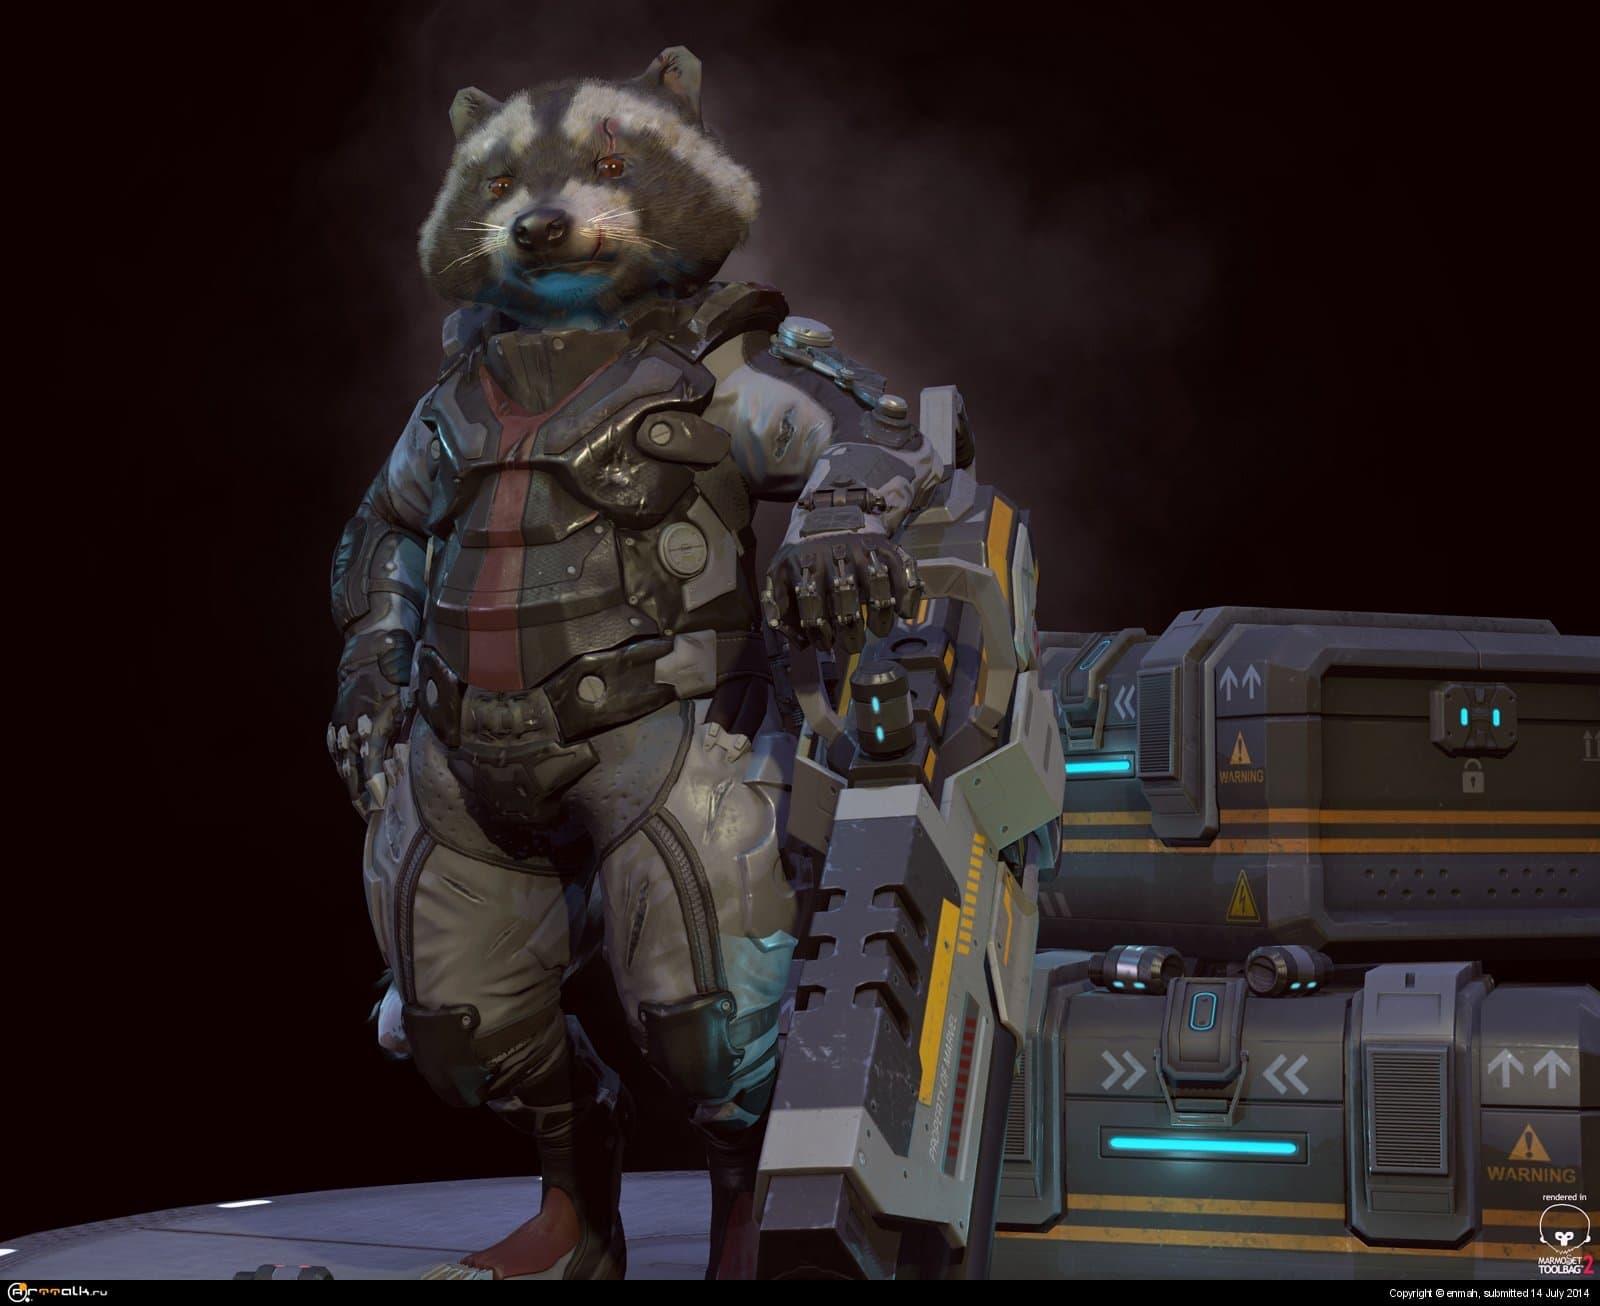 Rocket Raccoon